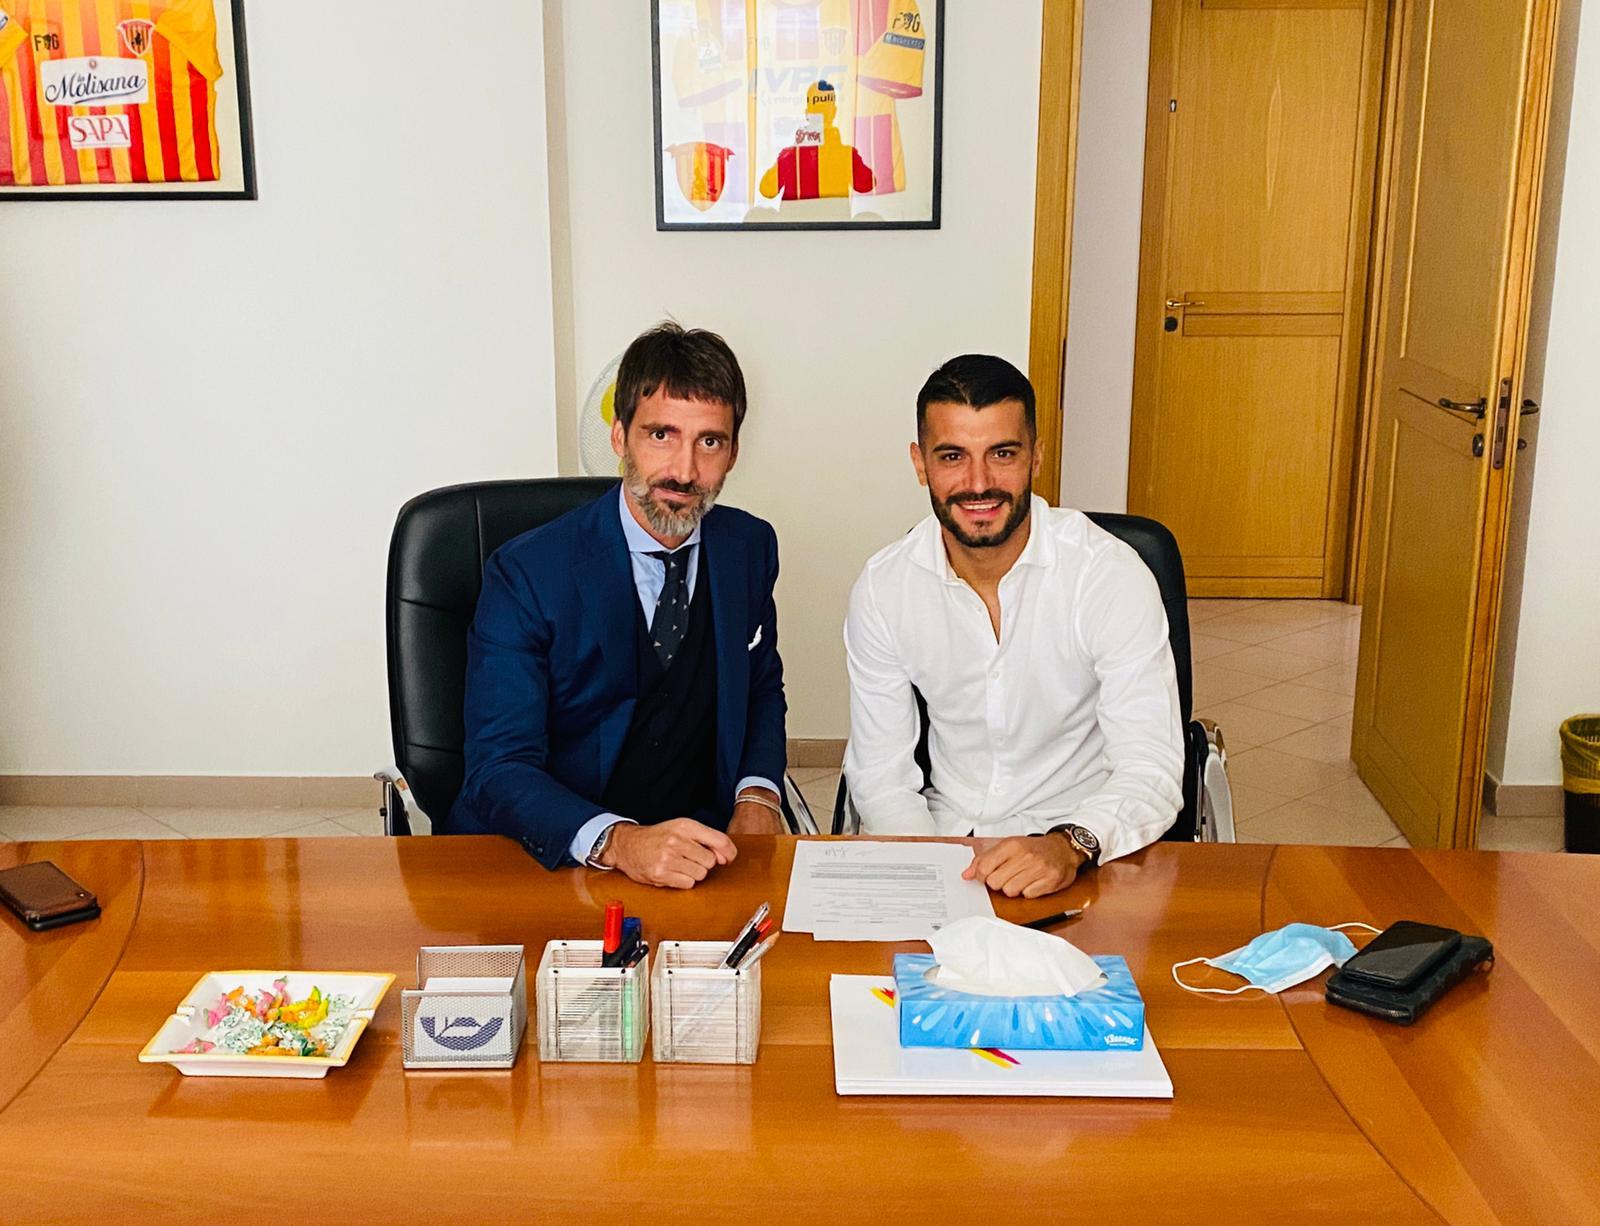 都灵官方:西班牙边锋亚戈-法尔克被租借至贝内文托